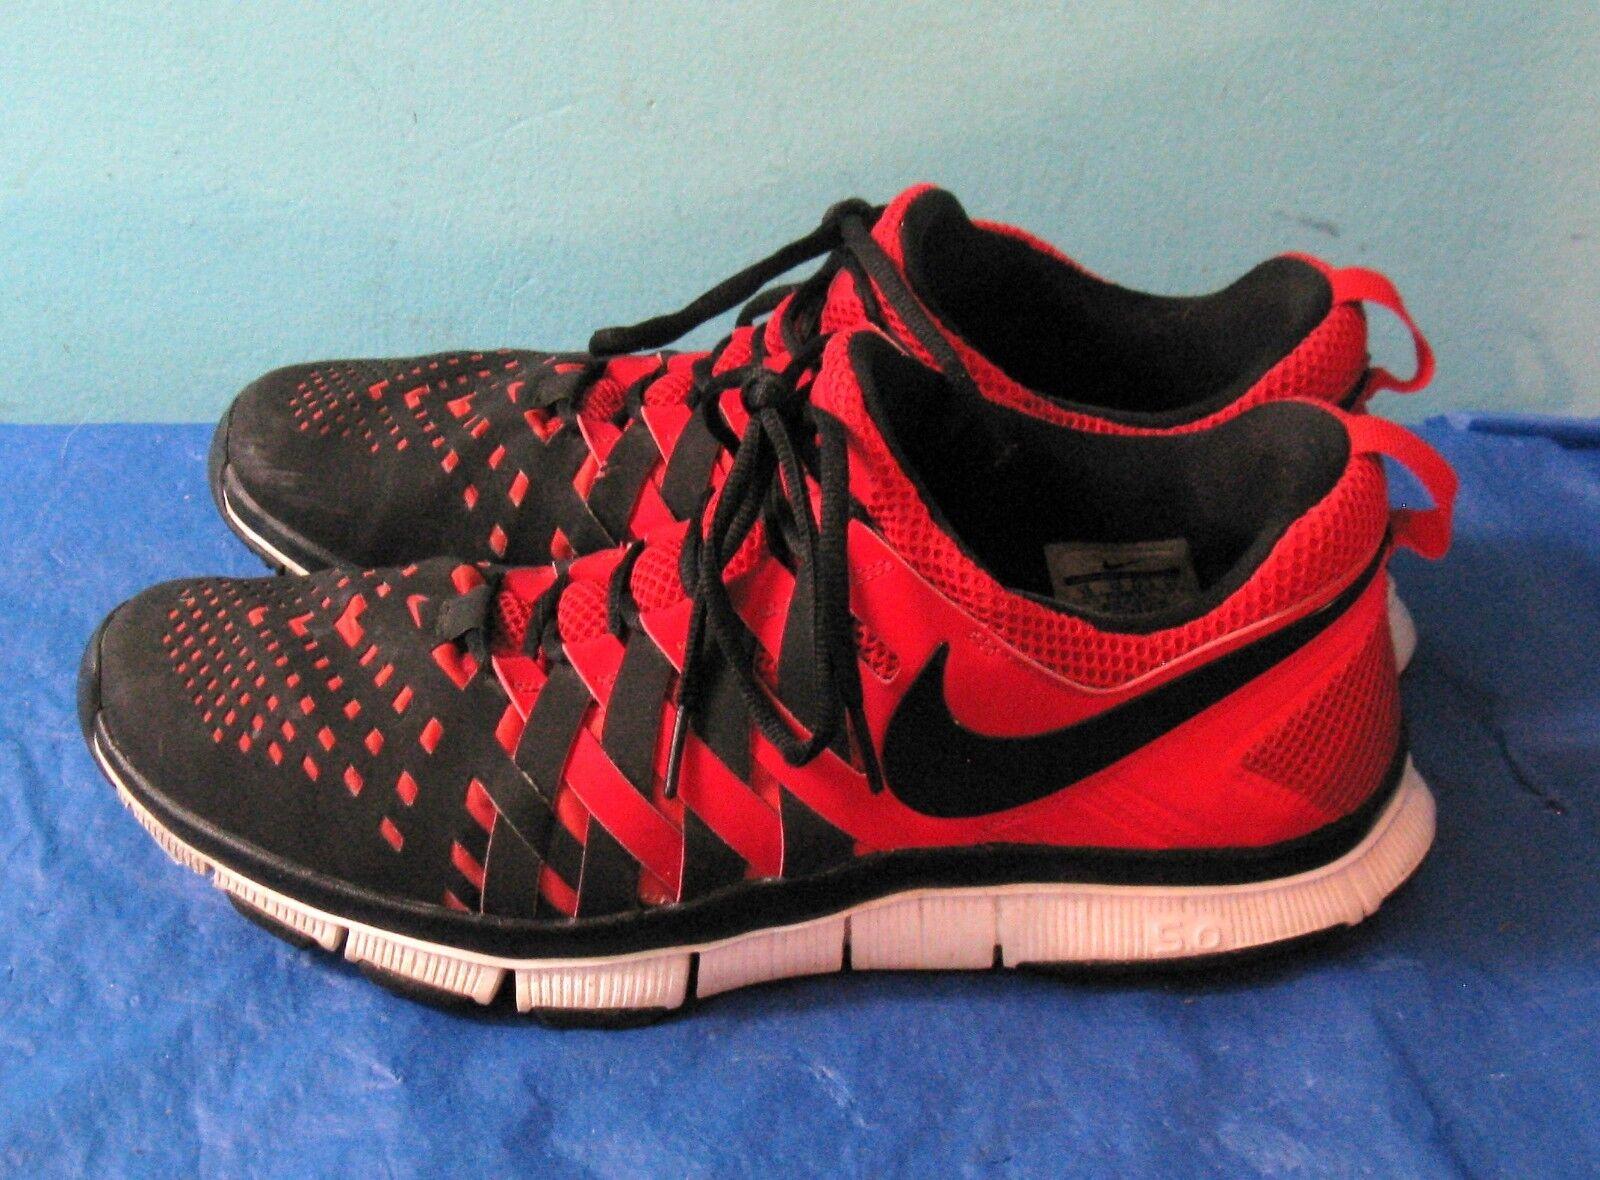 Nike libera allenatore / nero / allenatore rosso 579809 5,0 intrappola dita slalom (sz 13) 44f513